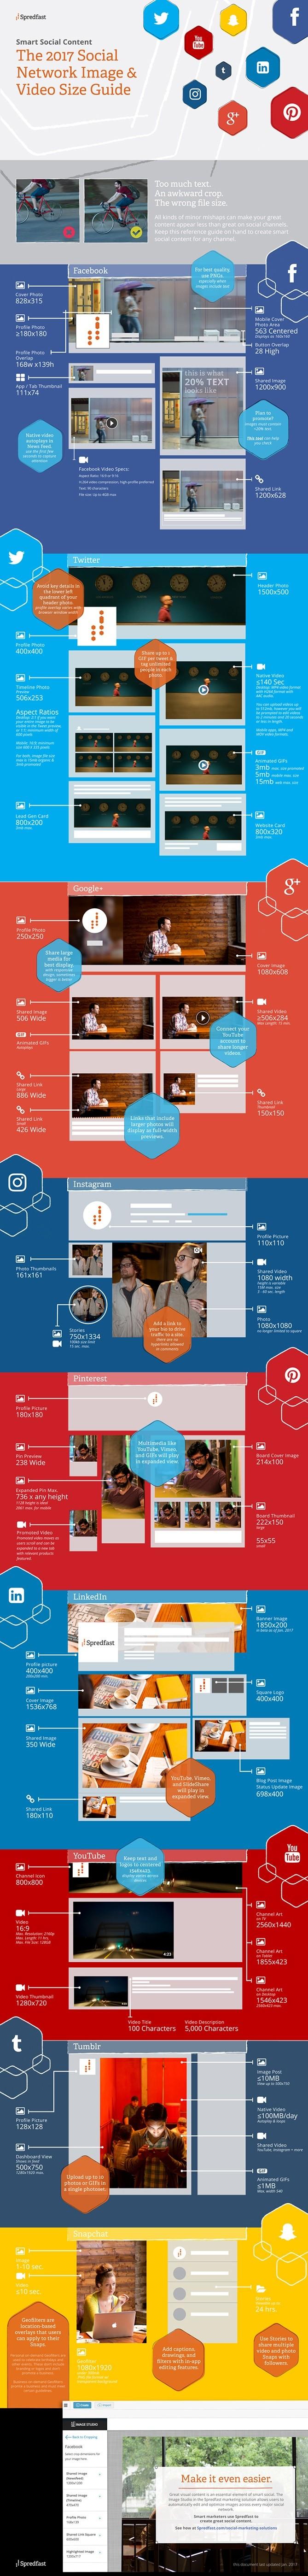 Guía Actualizada de Dimensiones de Imágenes y Vídeos para Social Media 2017